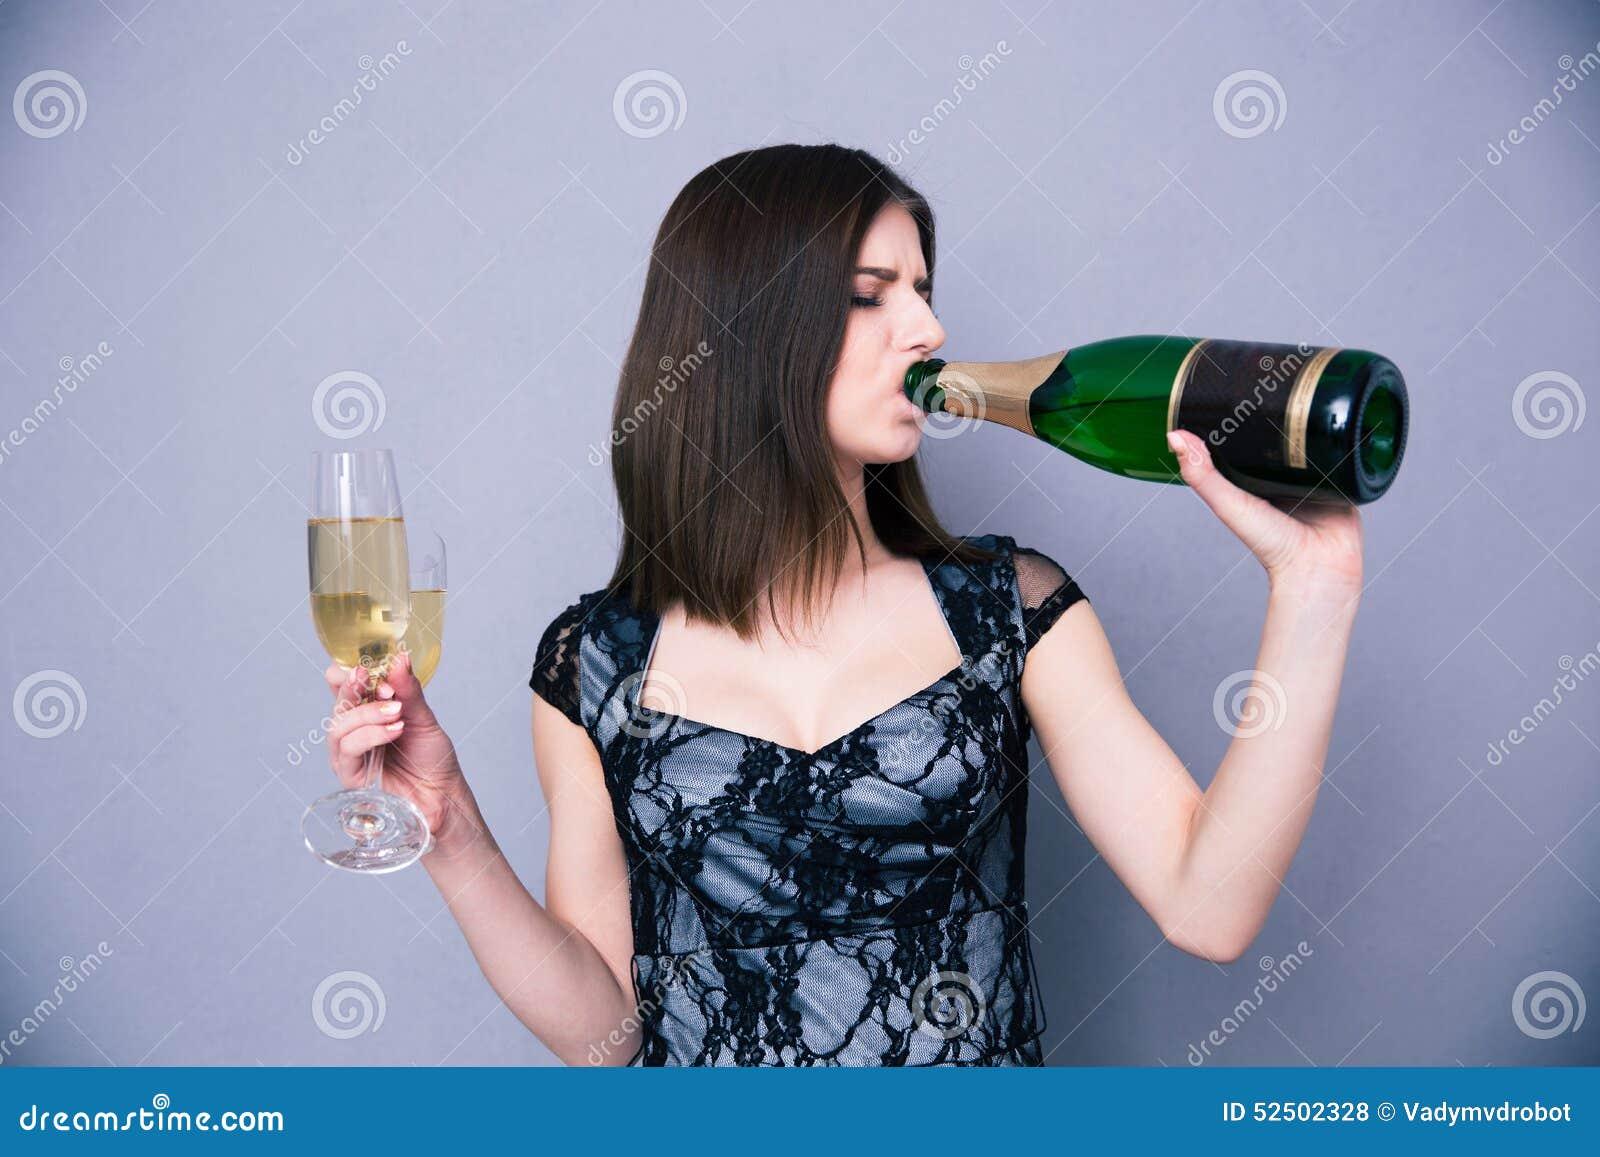 Бутылка в пизде девушки фото  голые женщины в пизде бутылочка